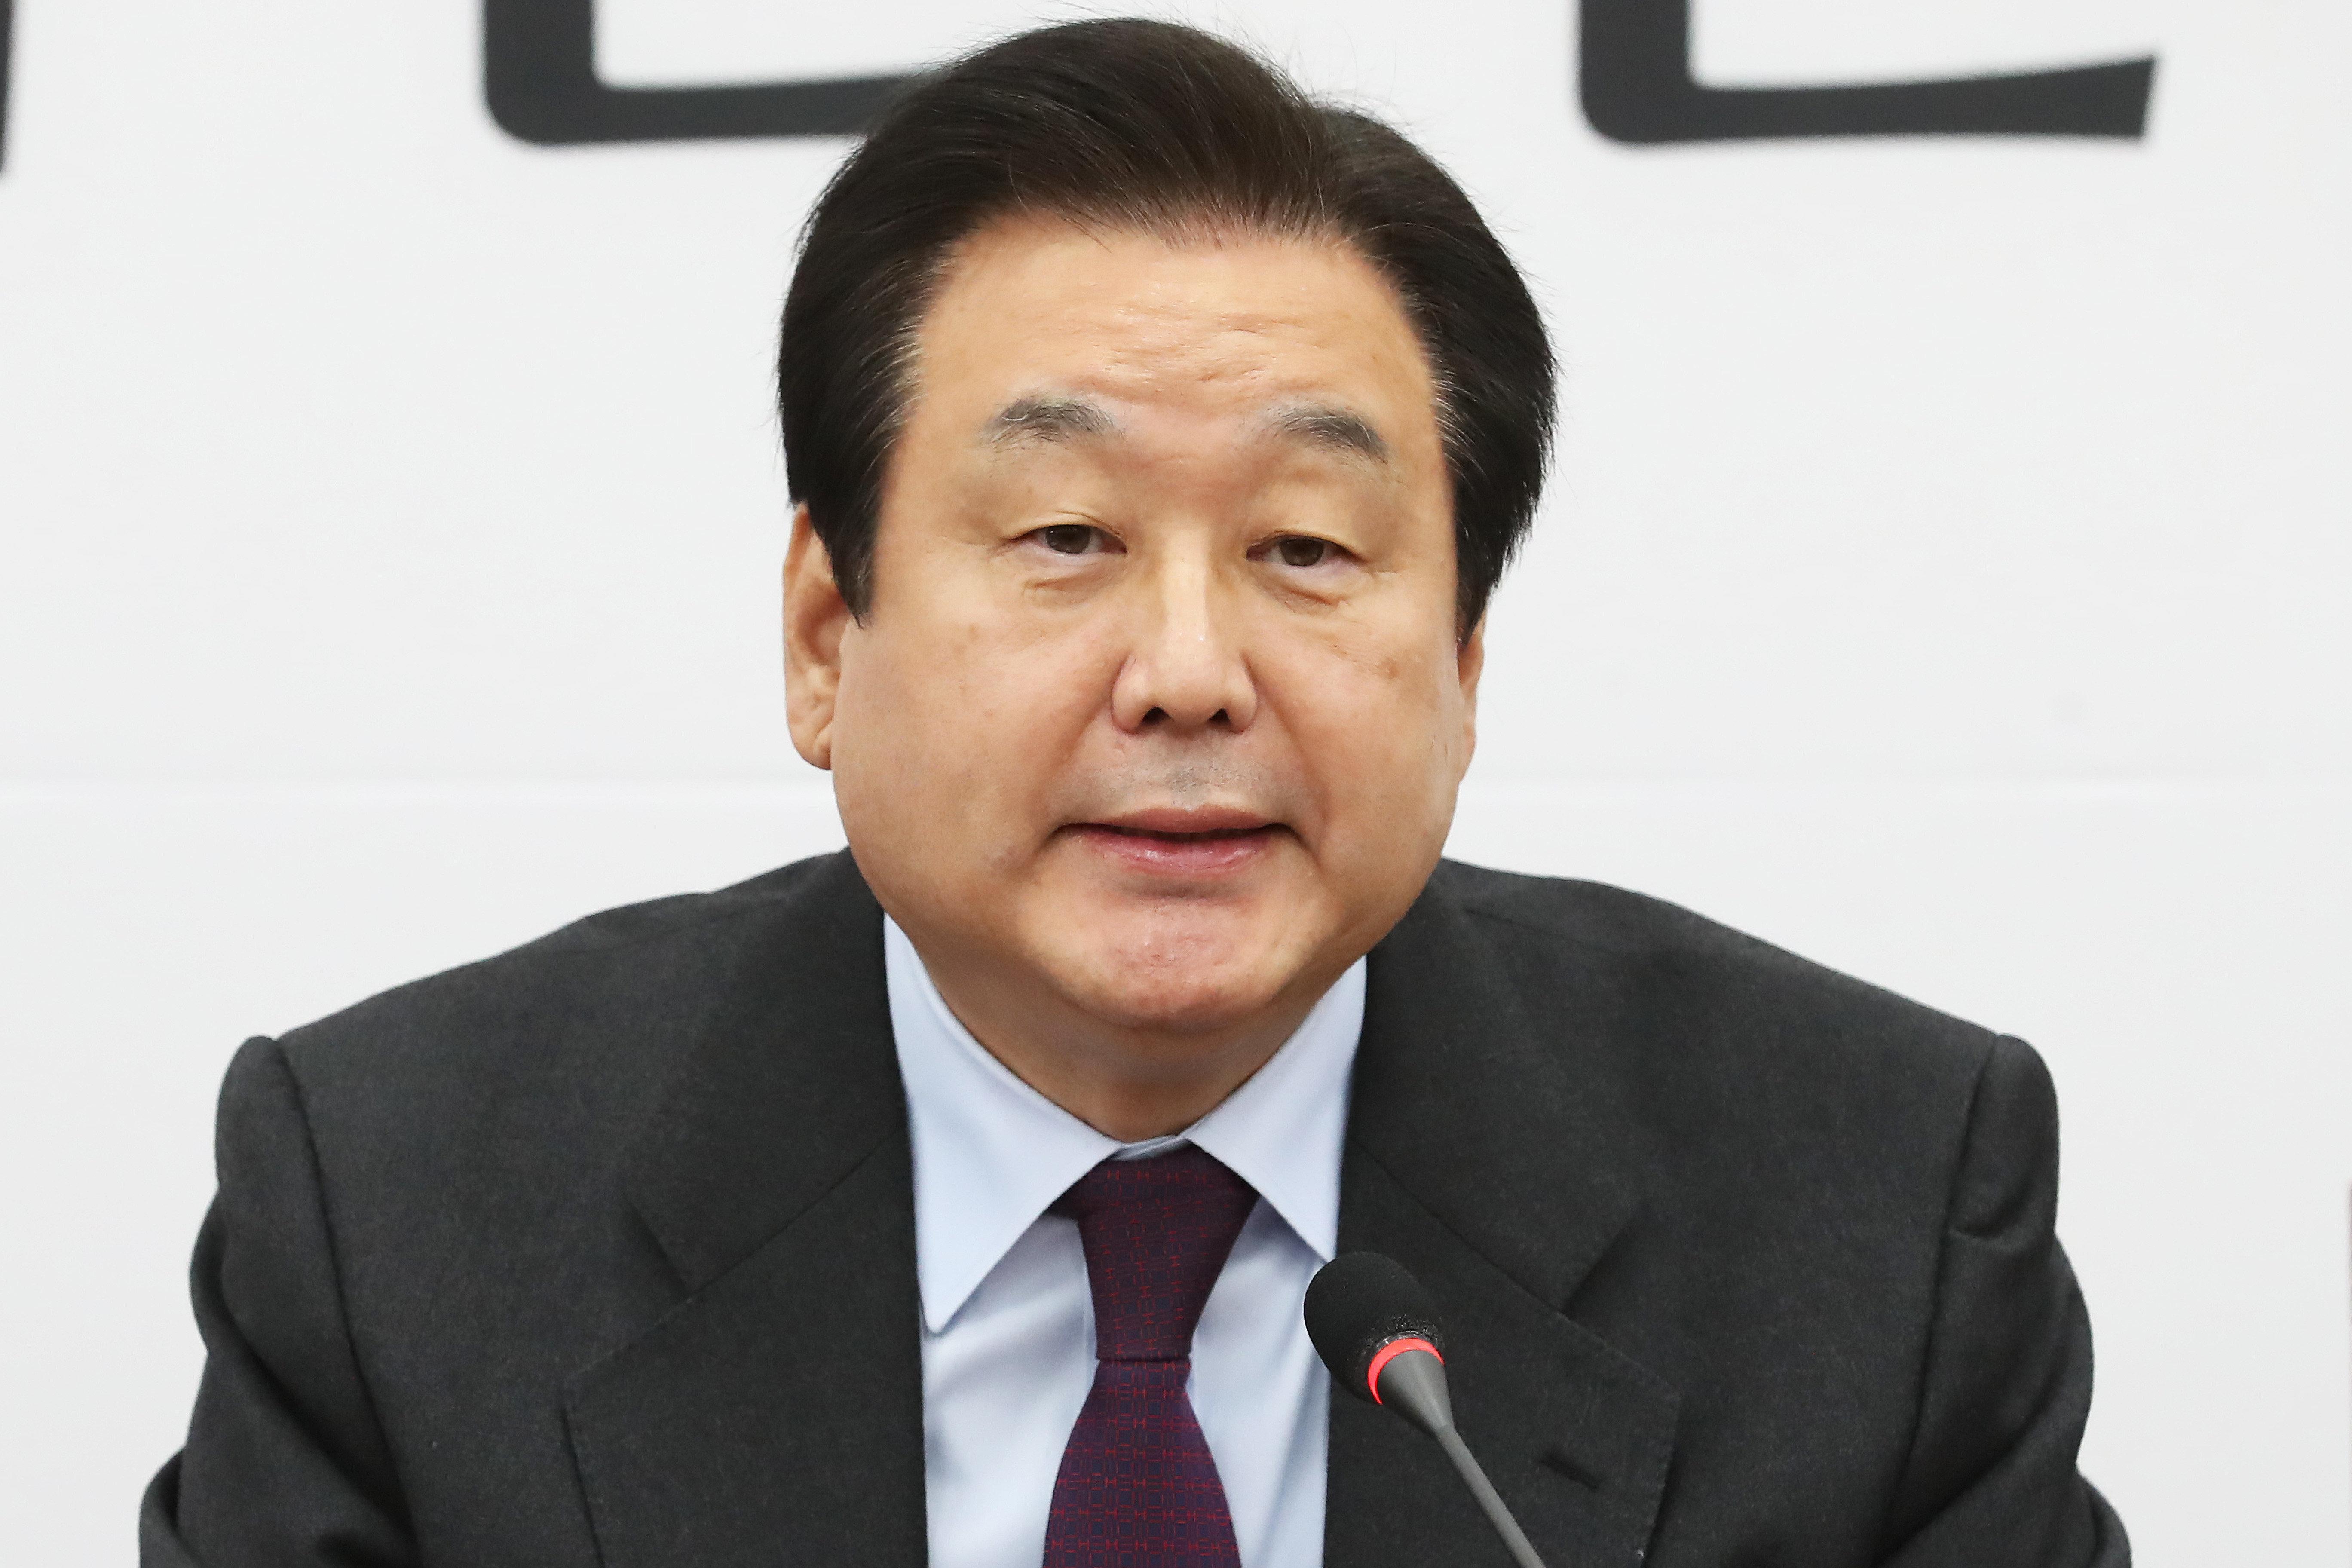 김무성이 클럽 '버닝썬' 직원과 사위가 함께 마약 투약했다는 보도에 대해 한